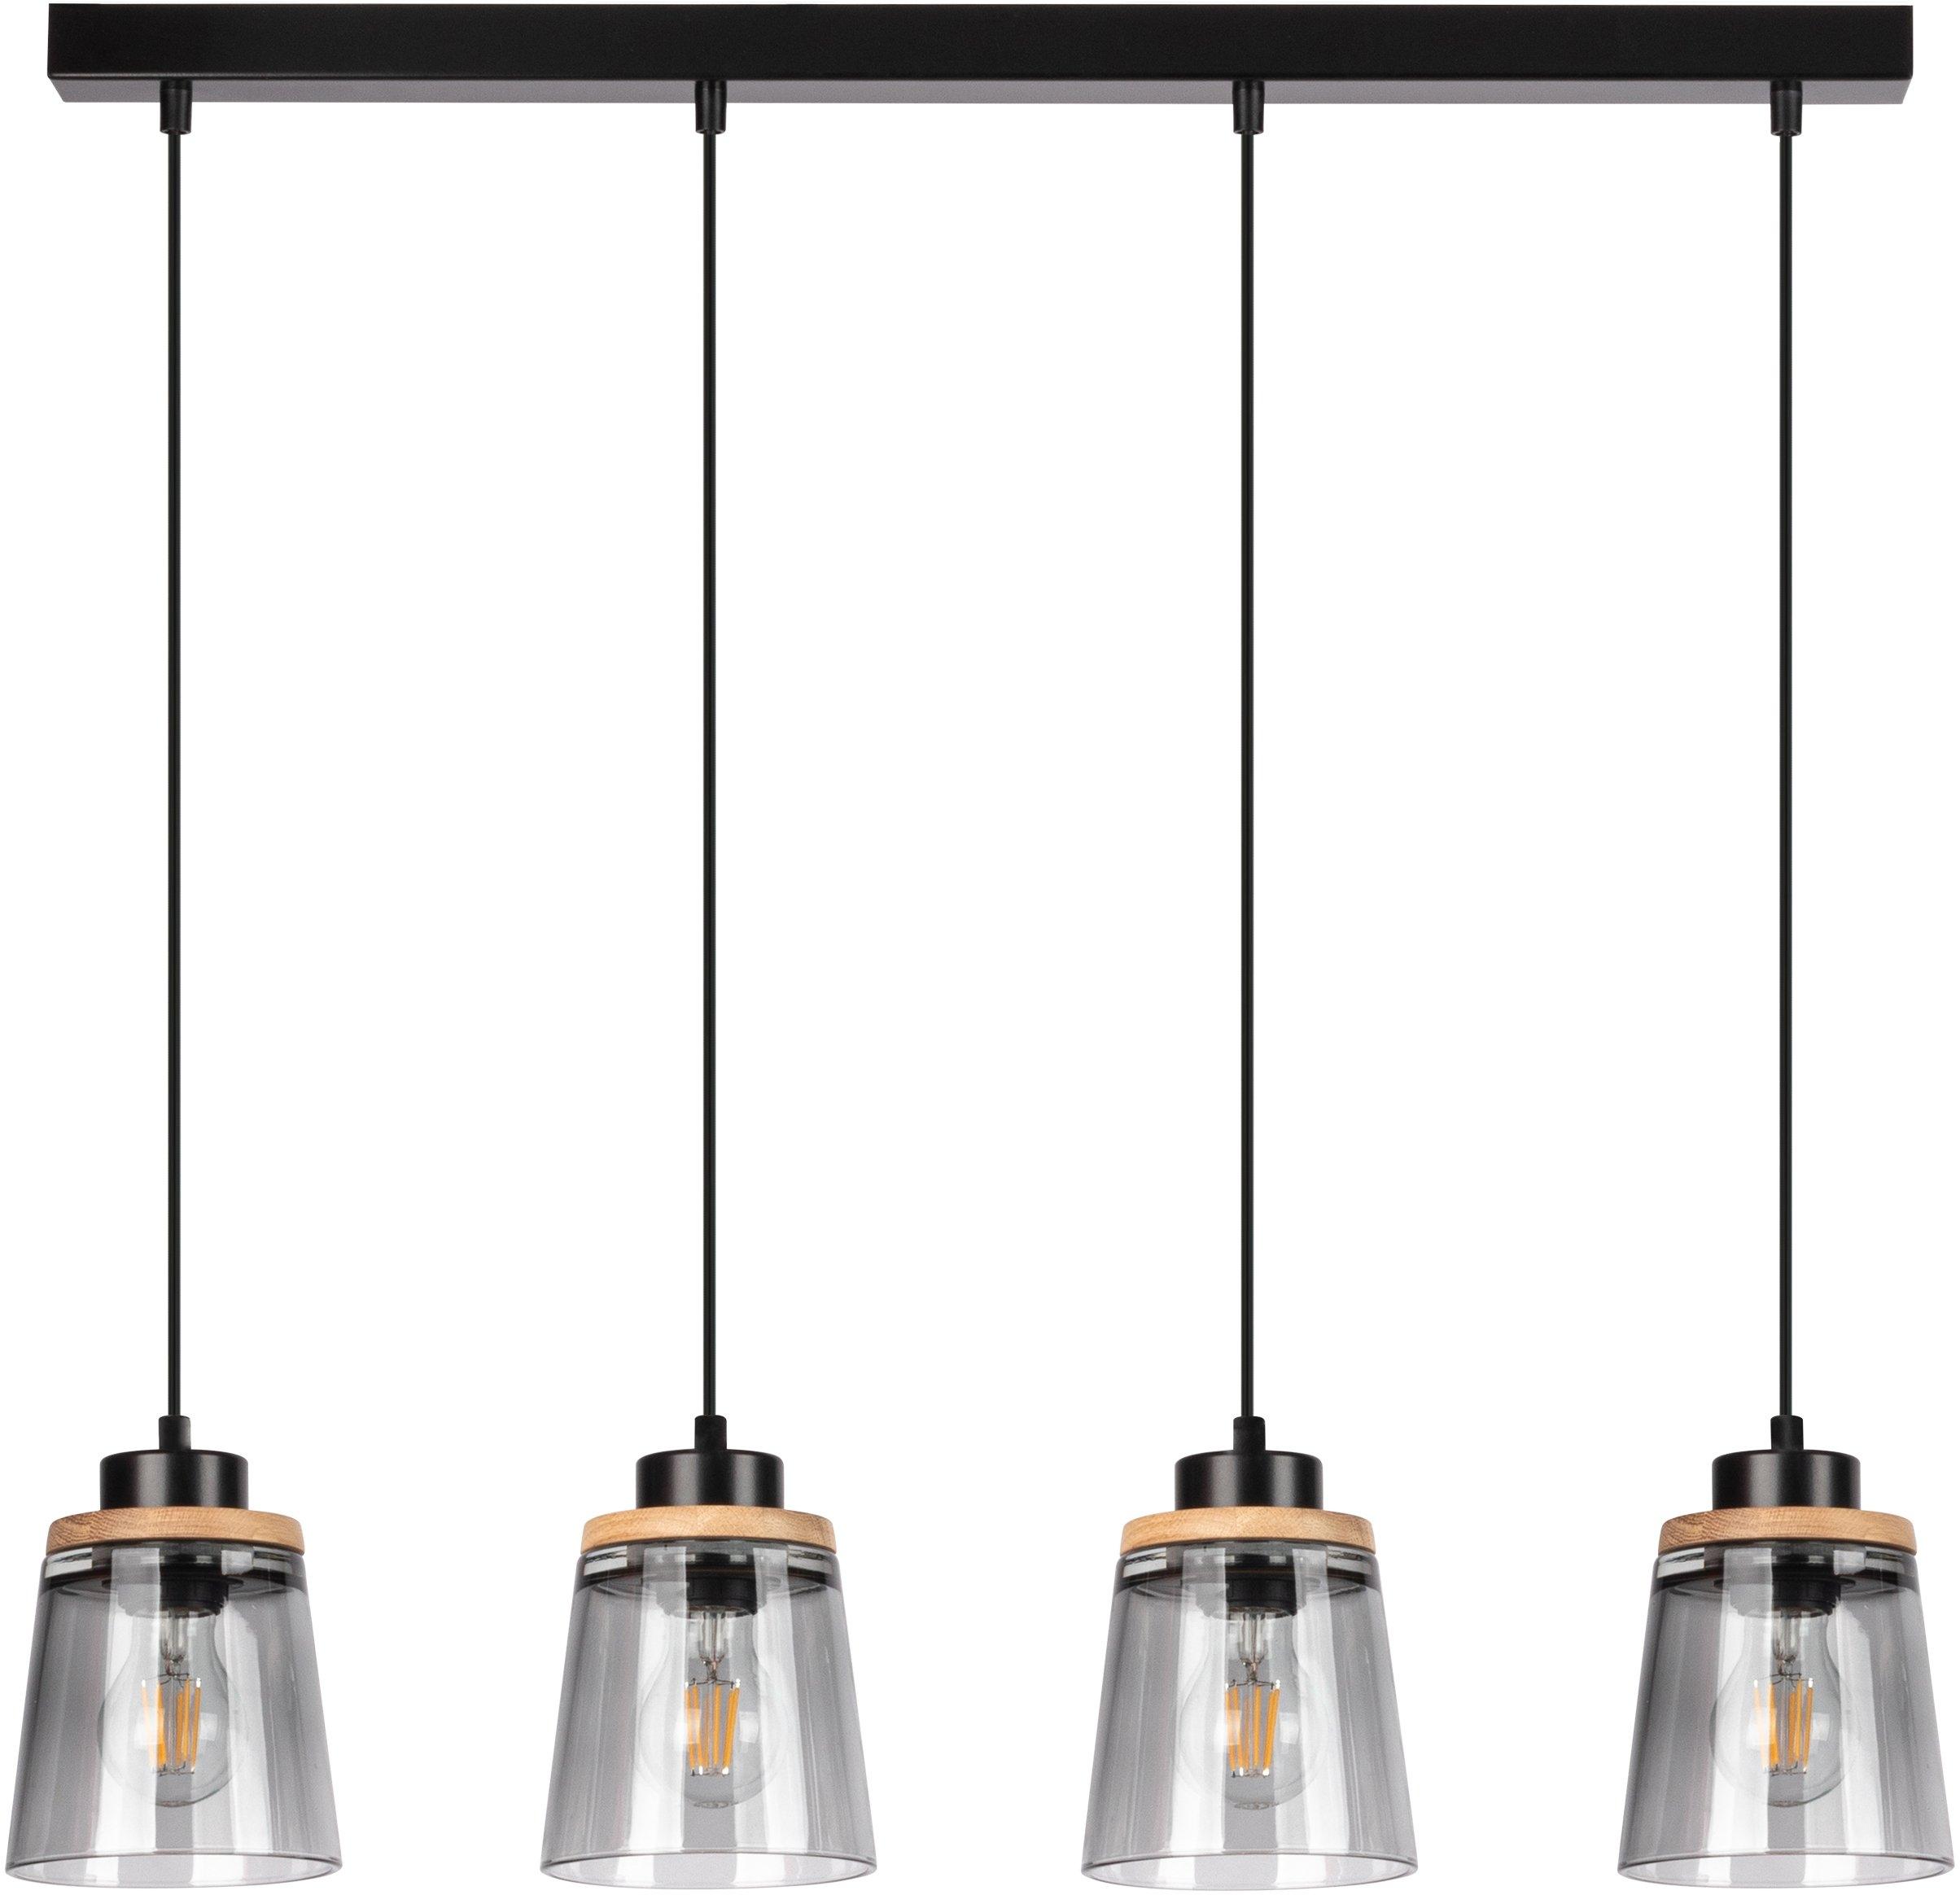 Home affaire hanglamp Warnemünde Kap van rookglas, met decor van eikenhout, LM E27/exclusief, met FSC®-certificaat, duurzaam gemaakt in Europa nu online bestellen